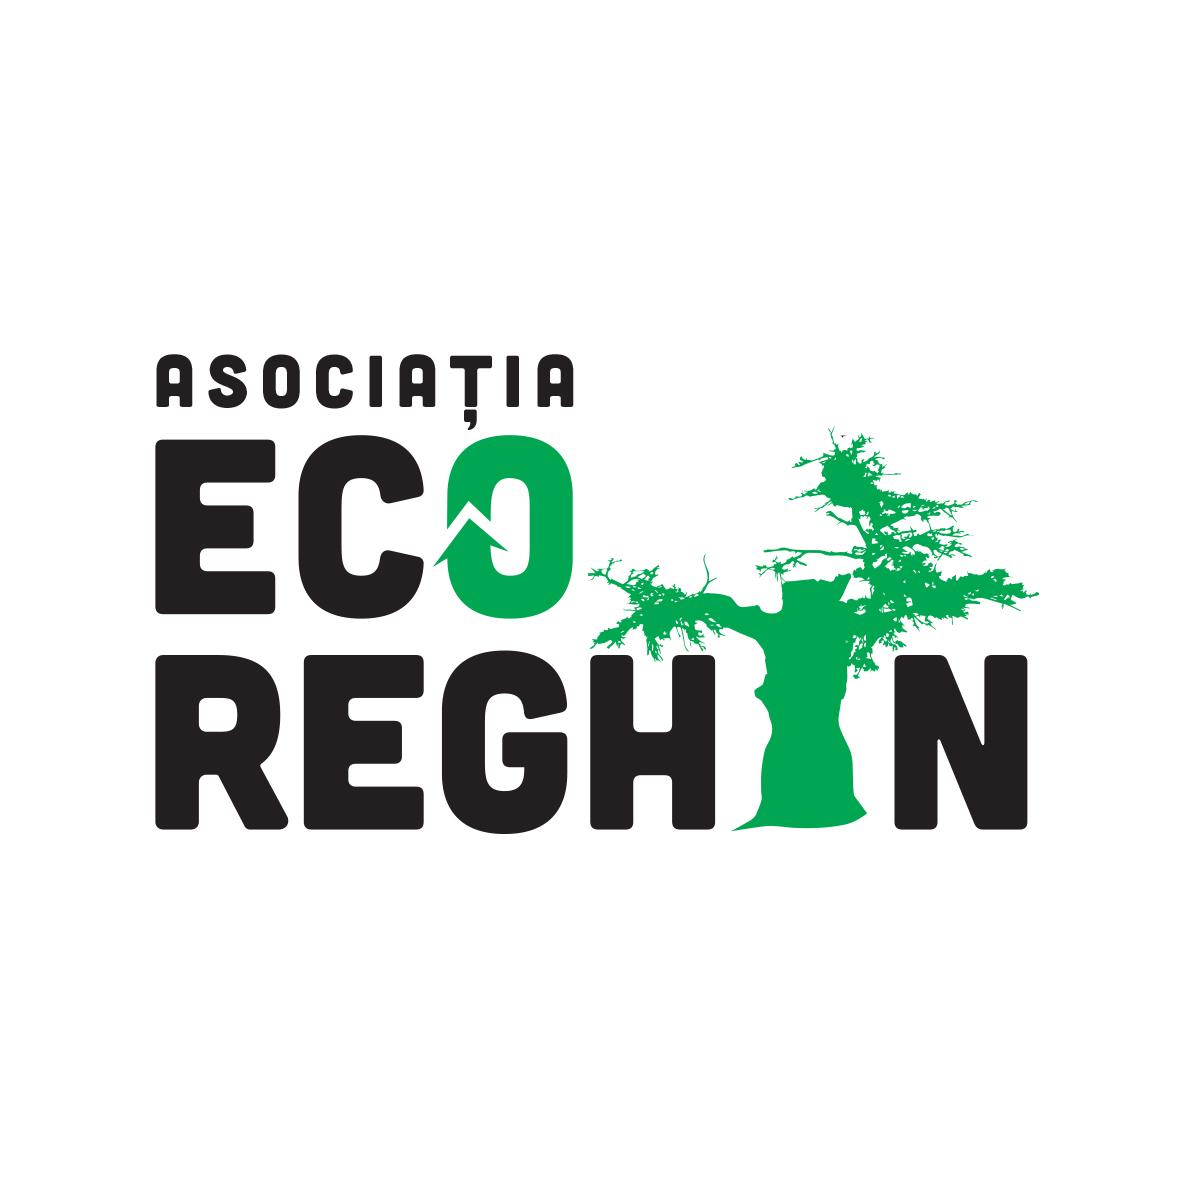 Asociația Eco Reghin logo